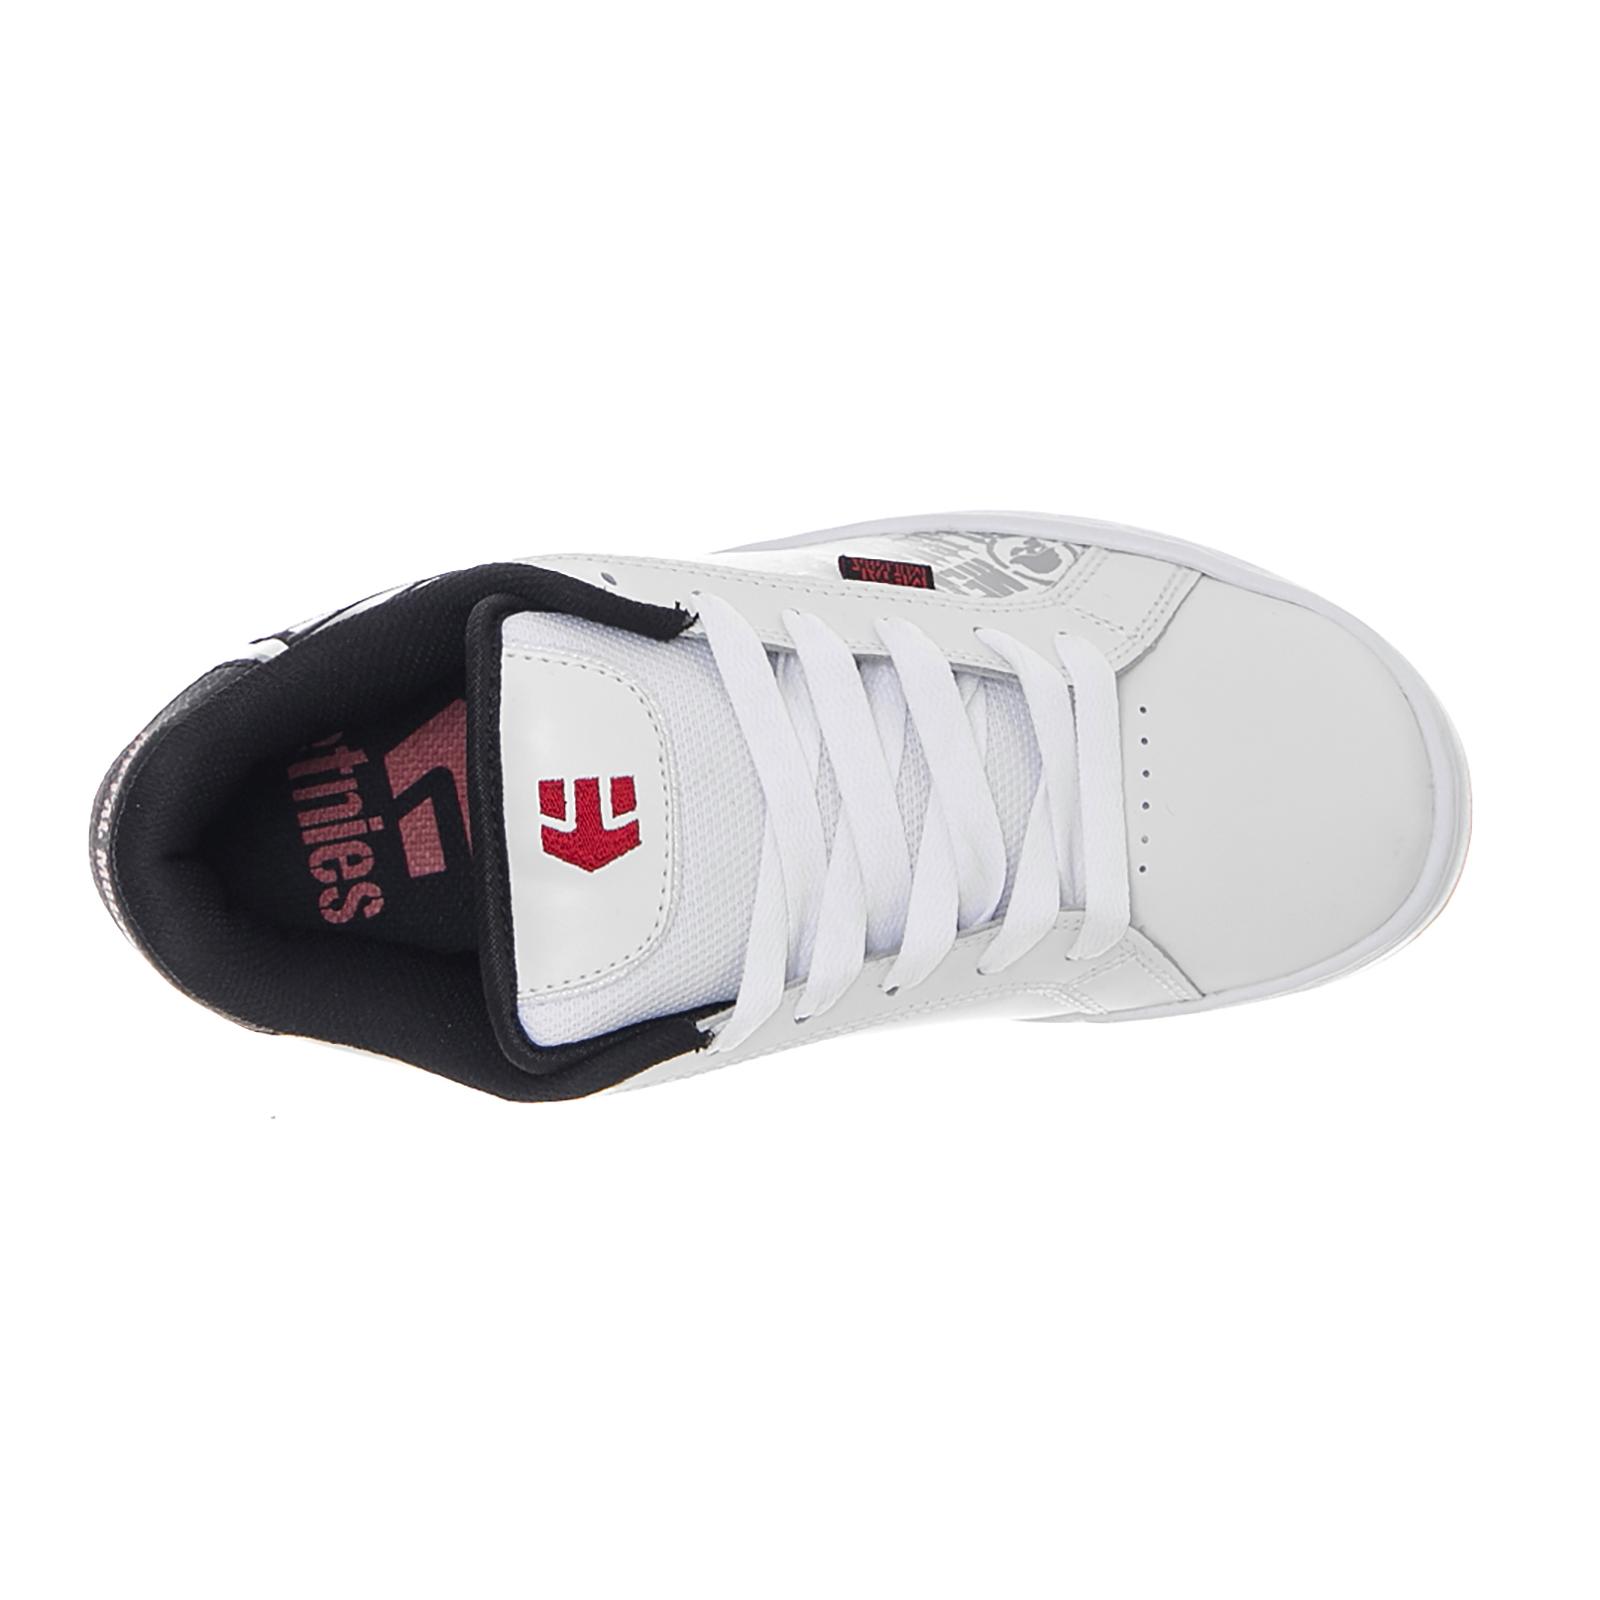 Etnies-Baskets-Metal-Mulisha-Fader-Blanc-noir-rouge-blanc